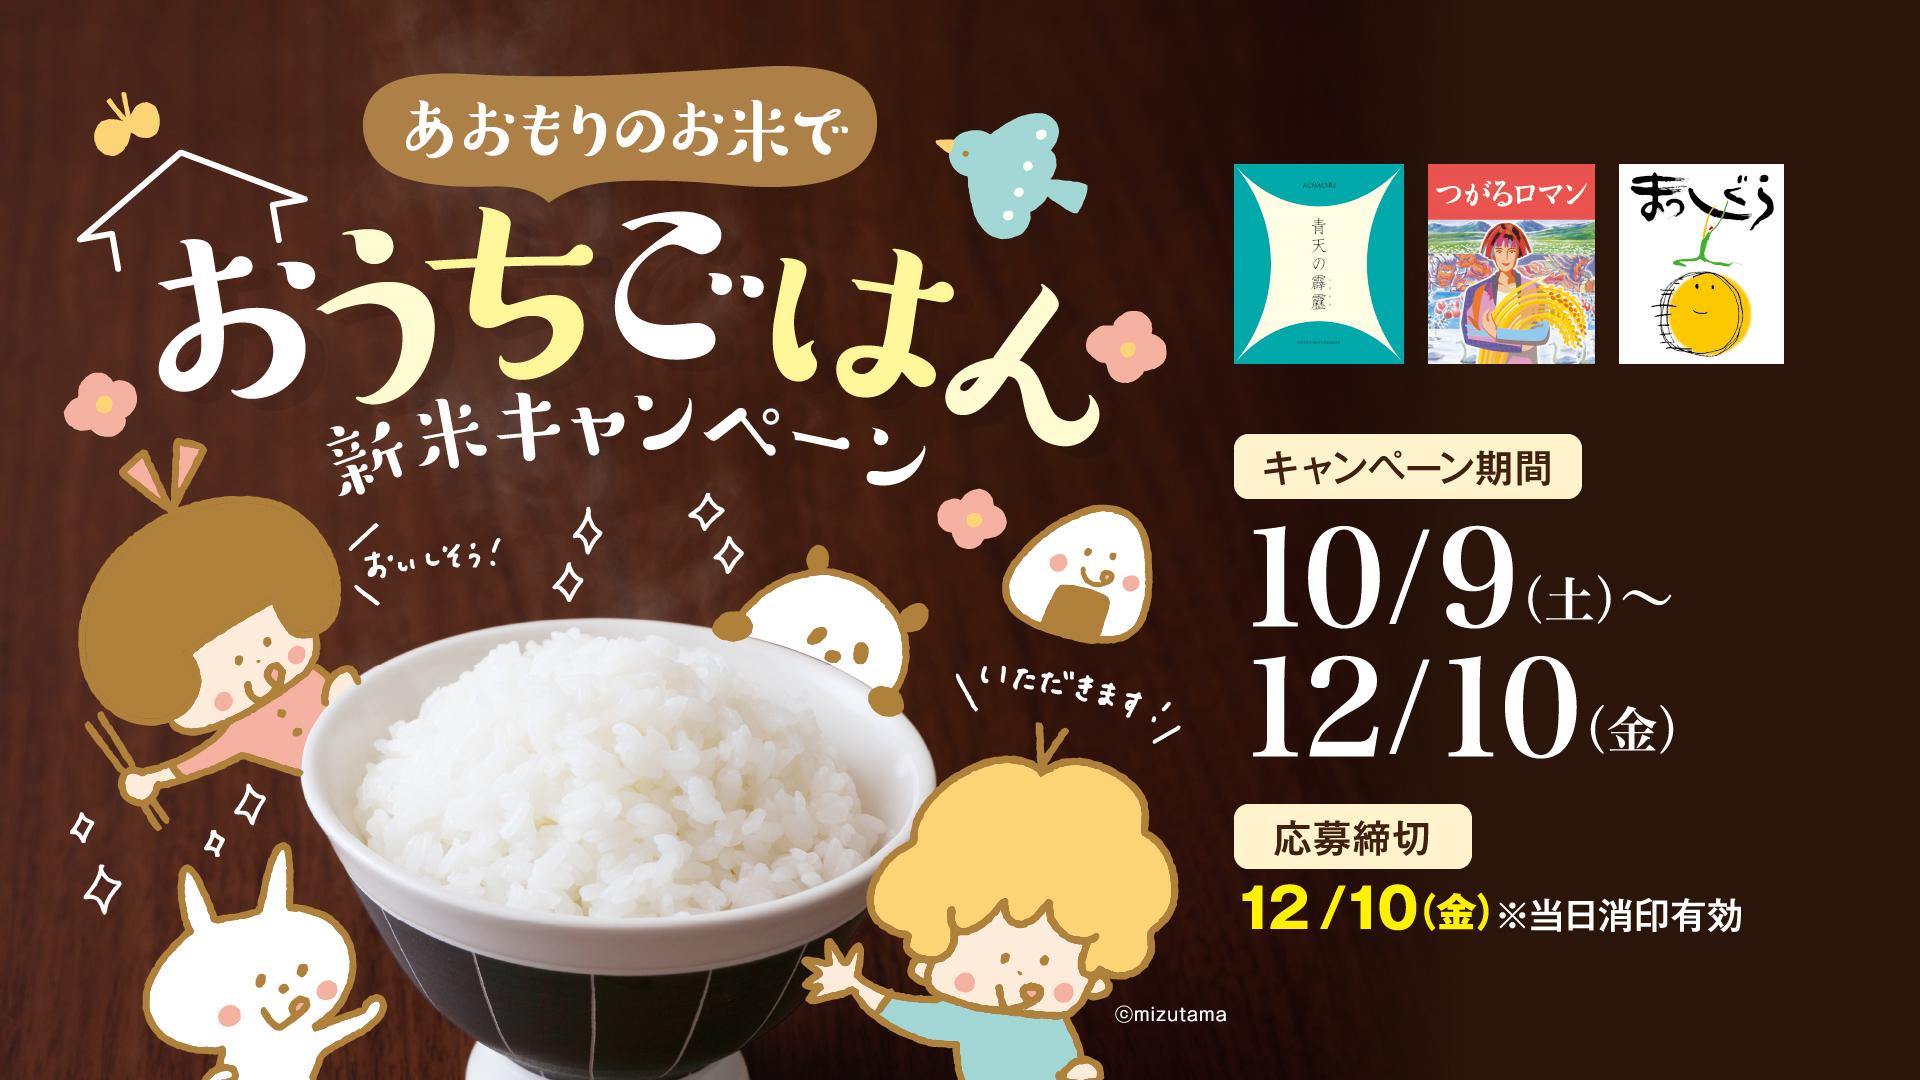 青森県産米でキャンペーン JA全農あおもりが12月10日まで実施 画像1